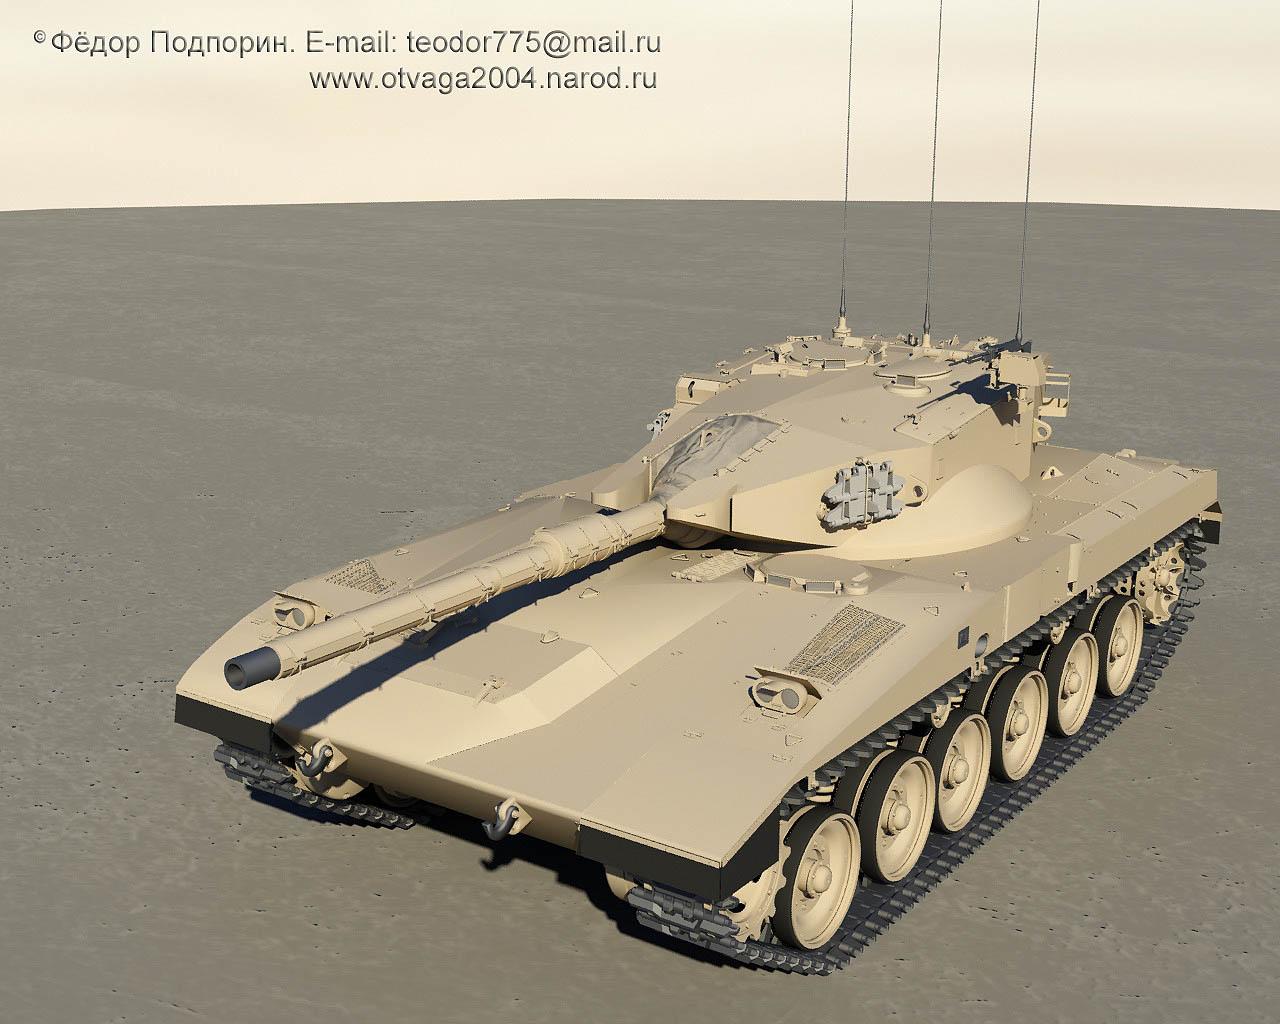 merkava-teodor775-otvaga2004-005